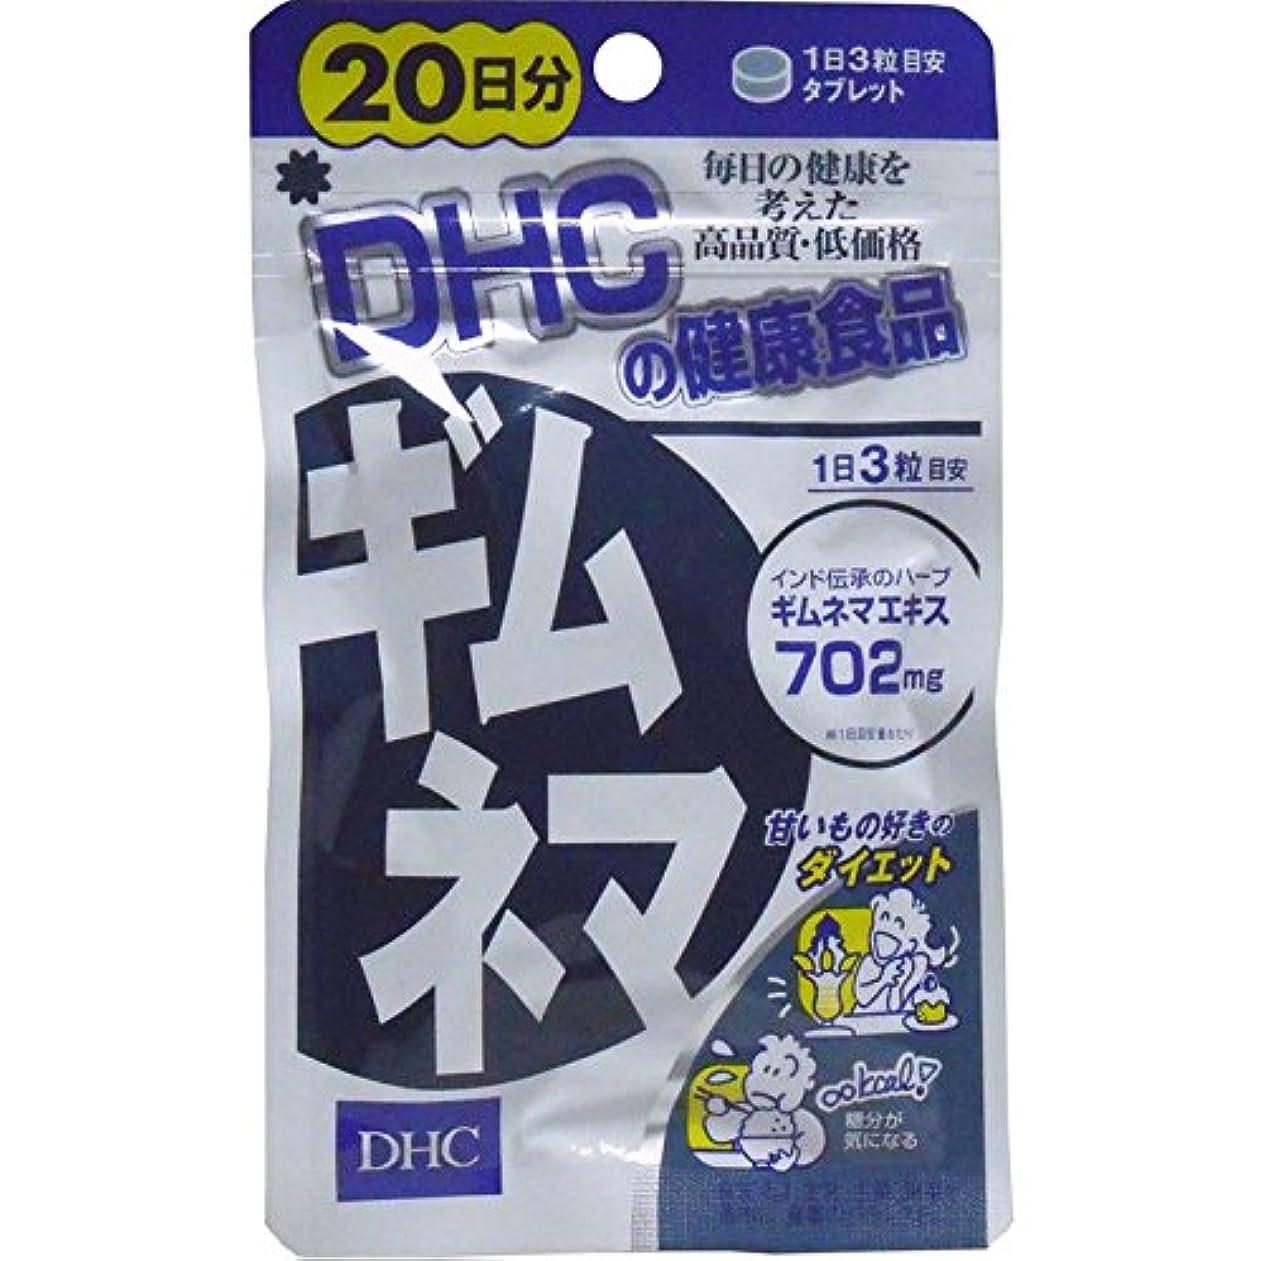 コミット必要条件装置大好きな「甘いもの」をムダ肉にしない DHC ギムネマ 20日分 60粒